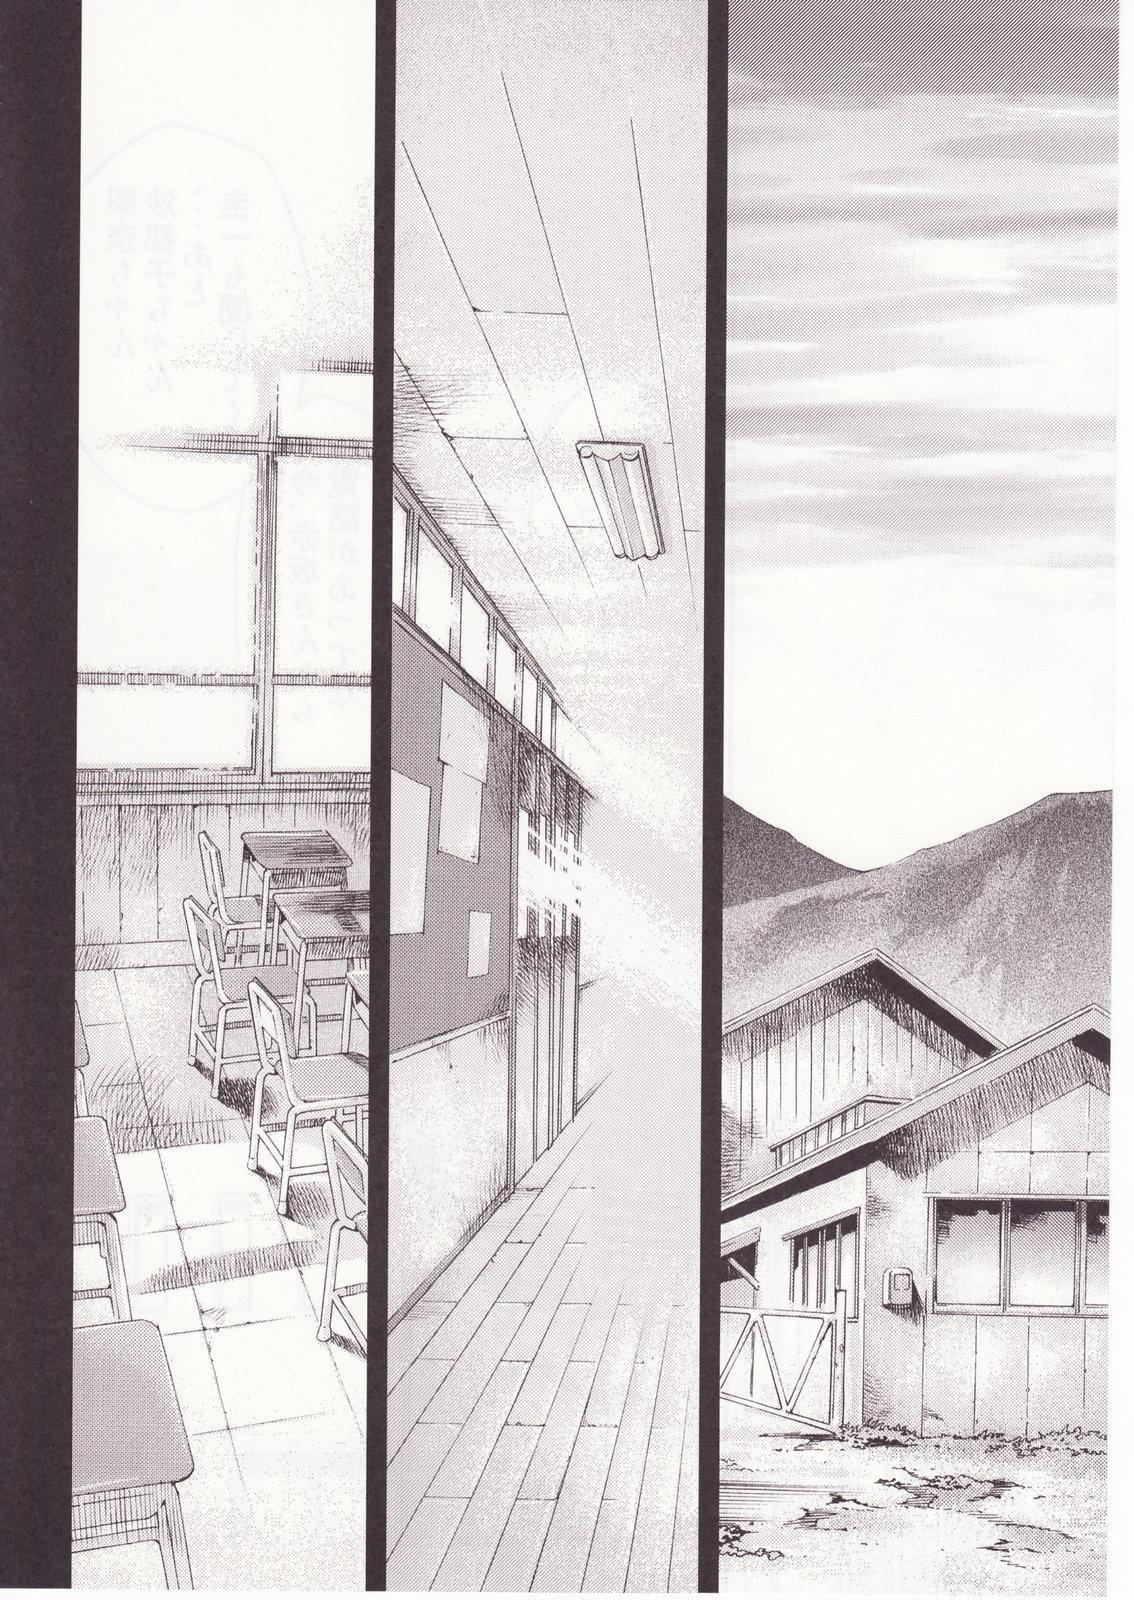 Higurashi no Naku You ni San 146